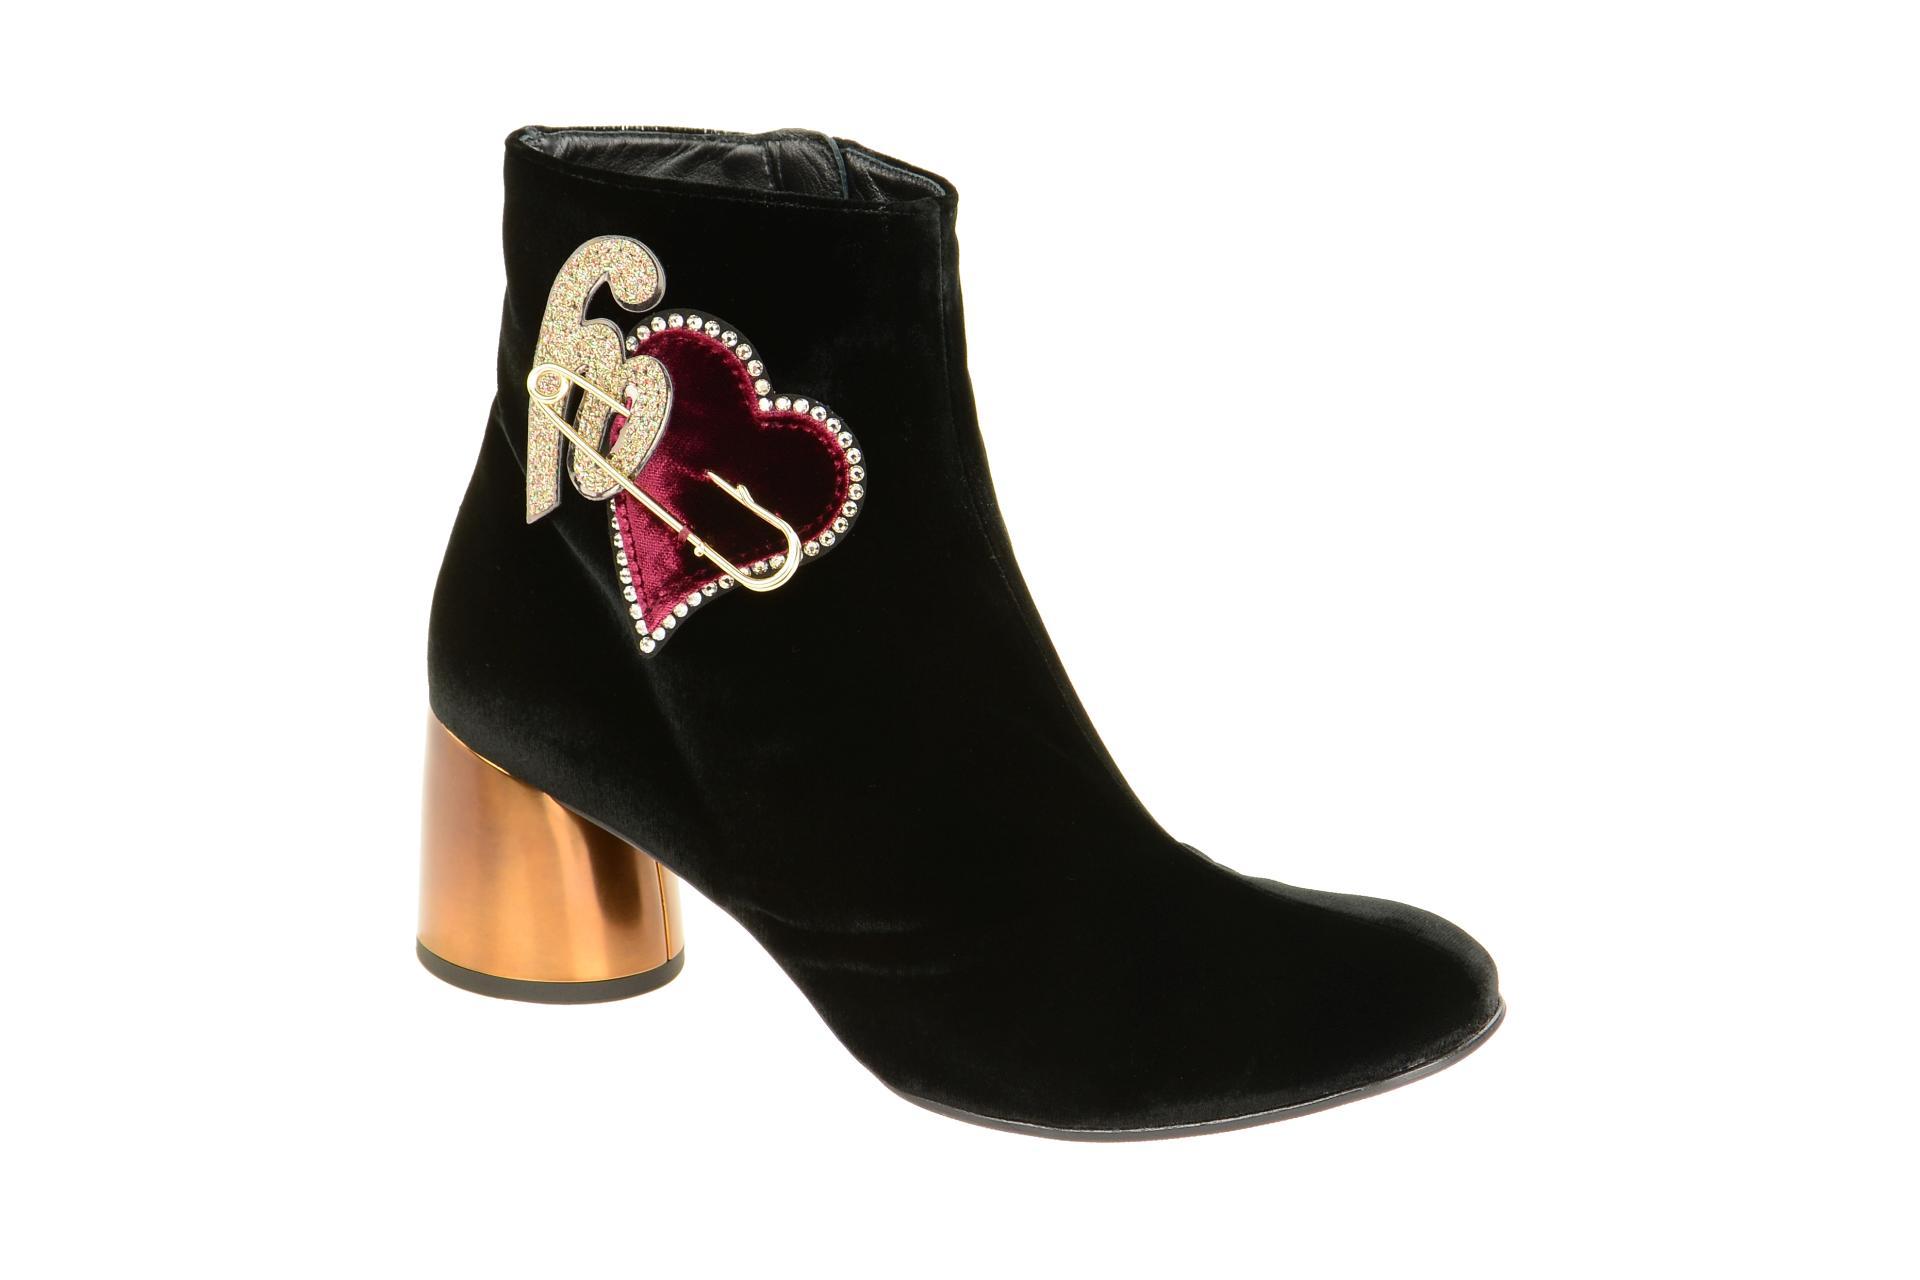 a84ba1e8777f8c Högl Schuhe 6116 schwarz Damen Stiefeletten elegante Stiefelette 4-10 6116  0100